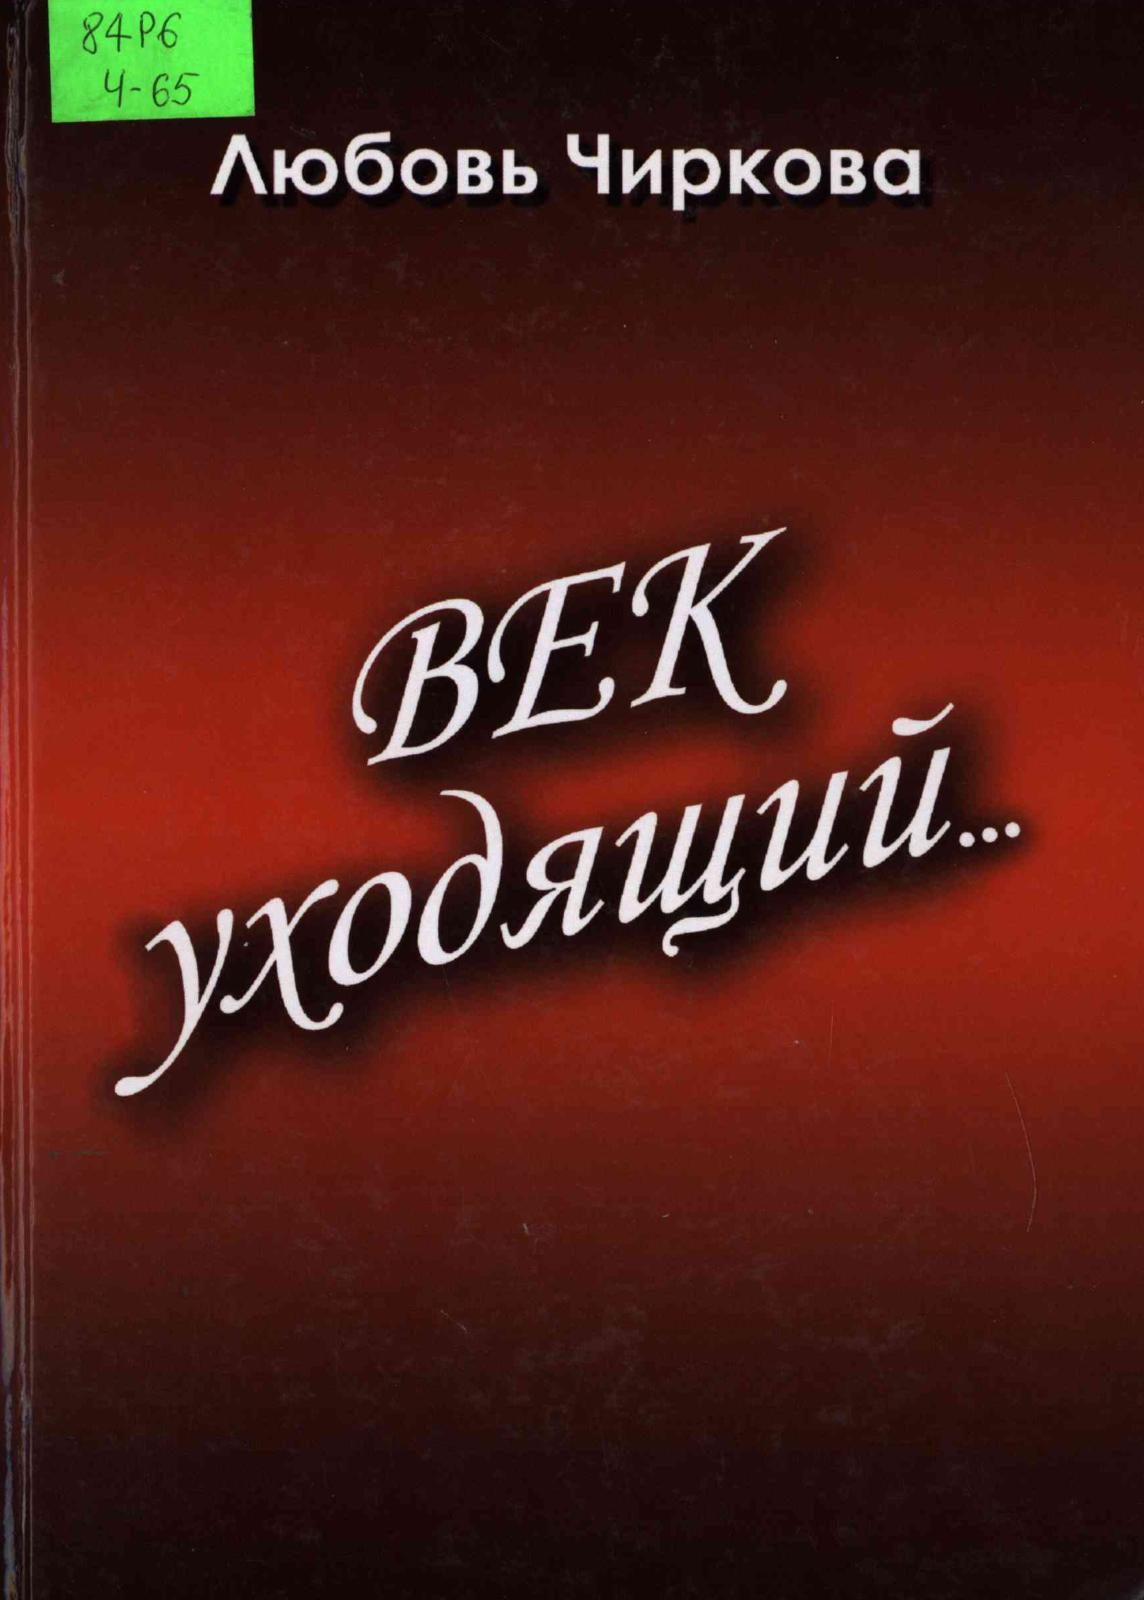 dcb2fac4ba0b Calaméo - Чиркова Л. Л. Век уходящий... Часть 3